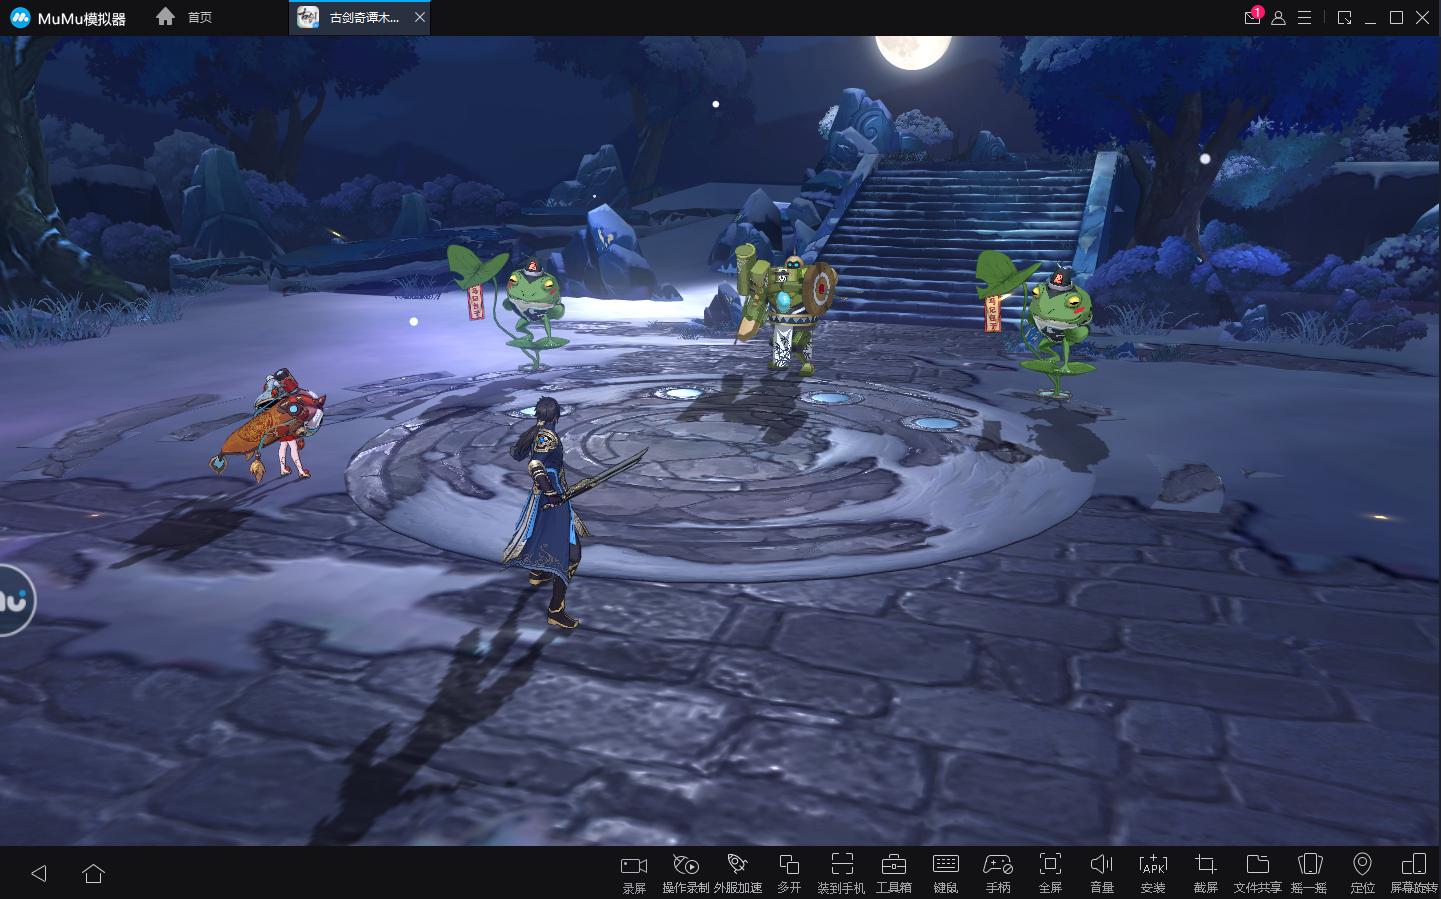 《古剑奇谭.木语人》公测,MuMu模拟器带你体验刀光剑影真江湖2